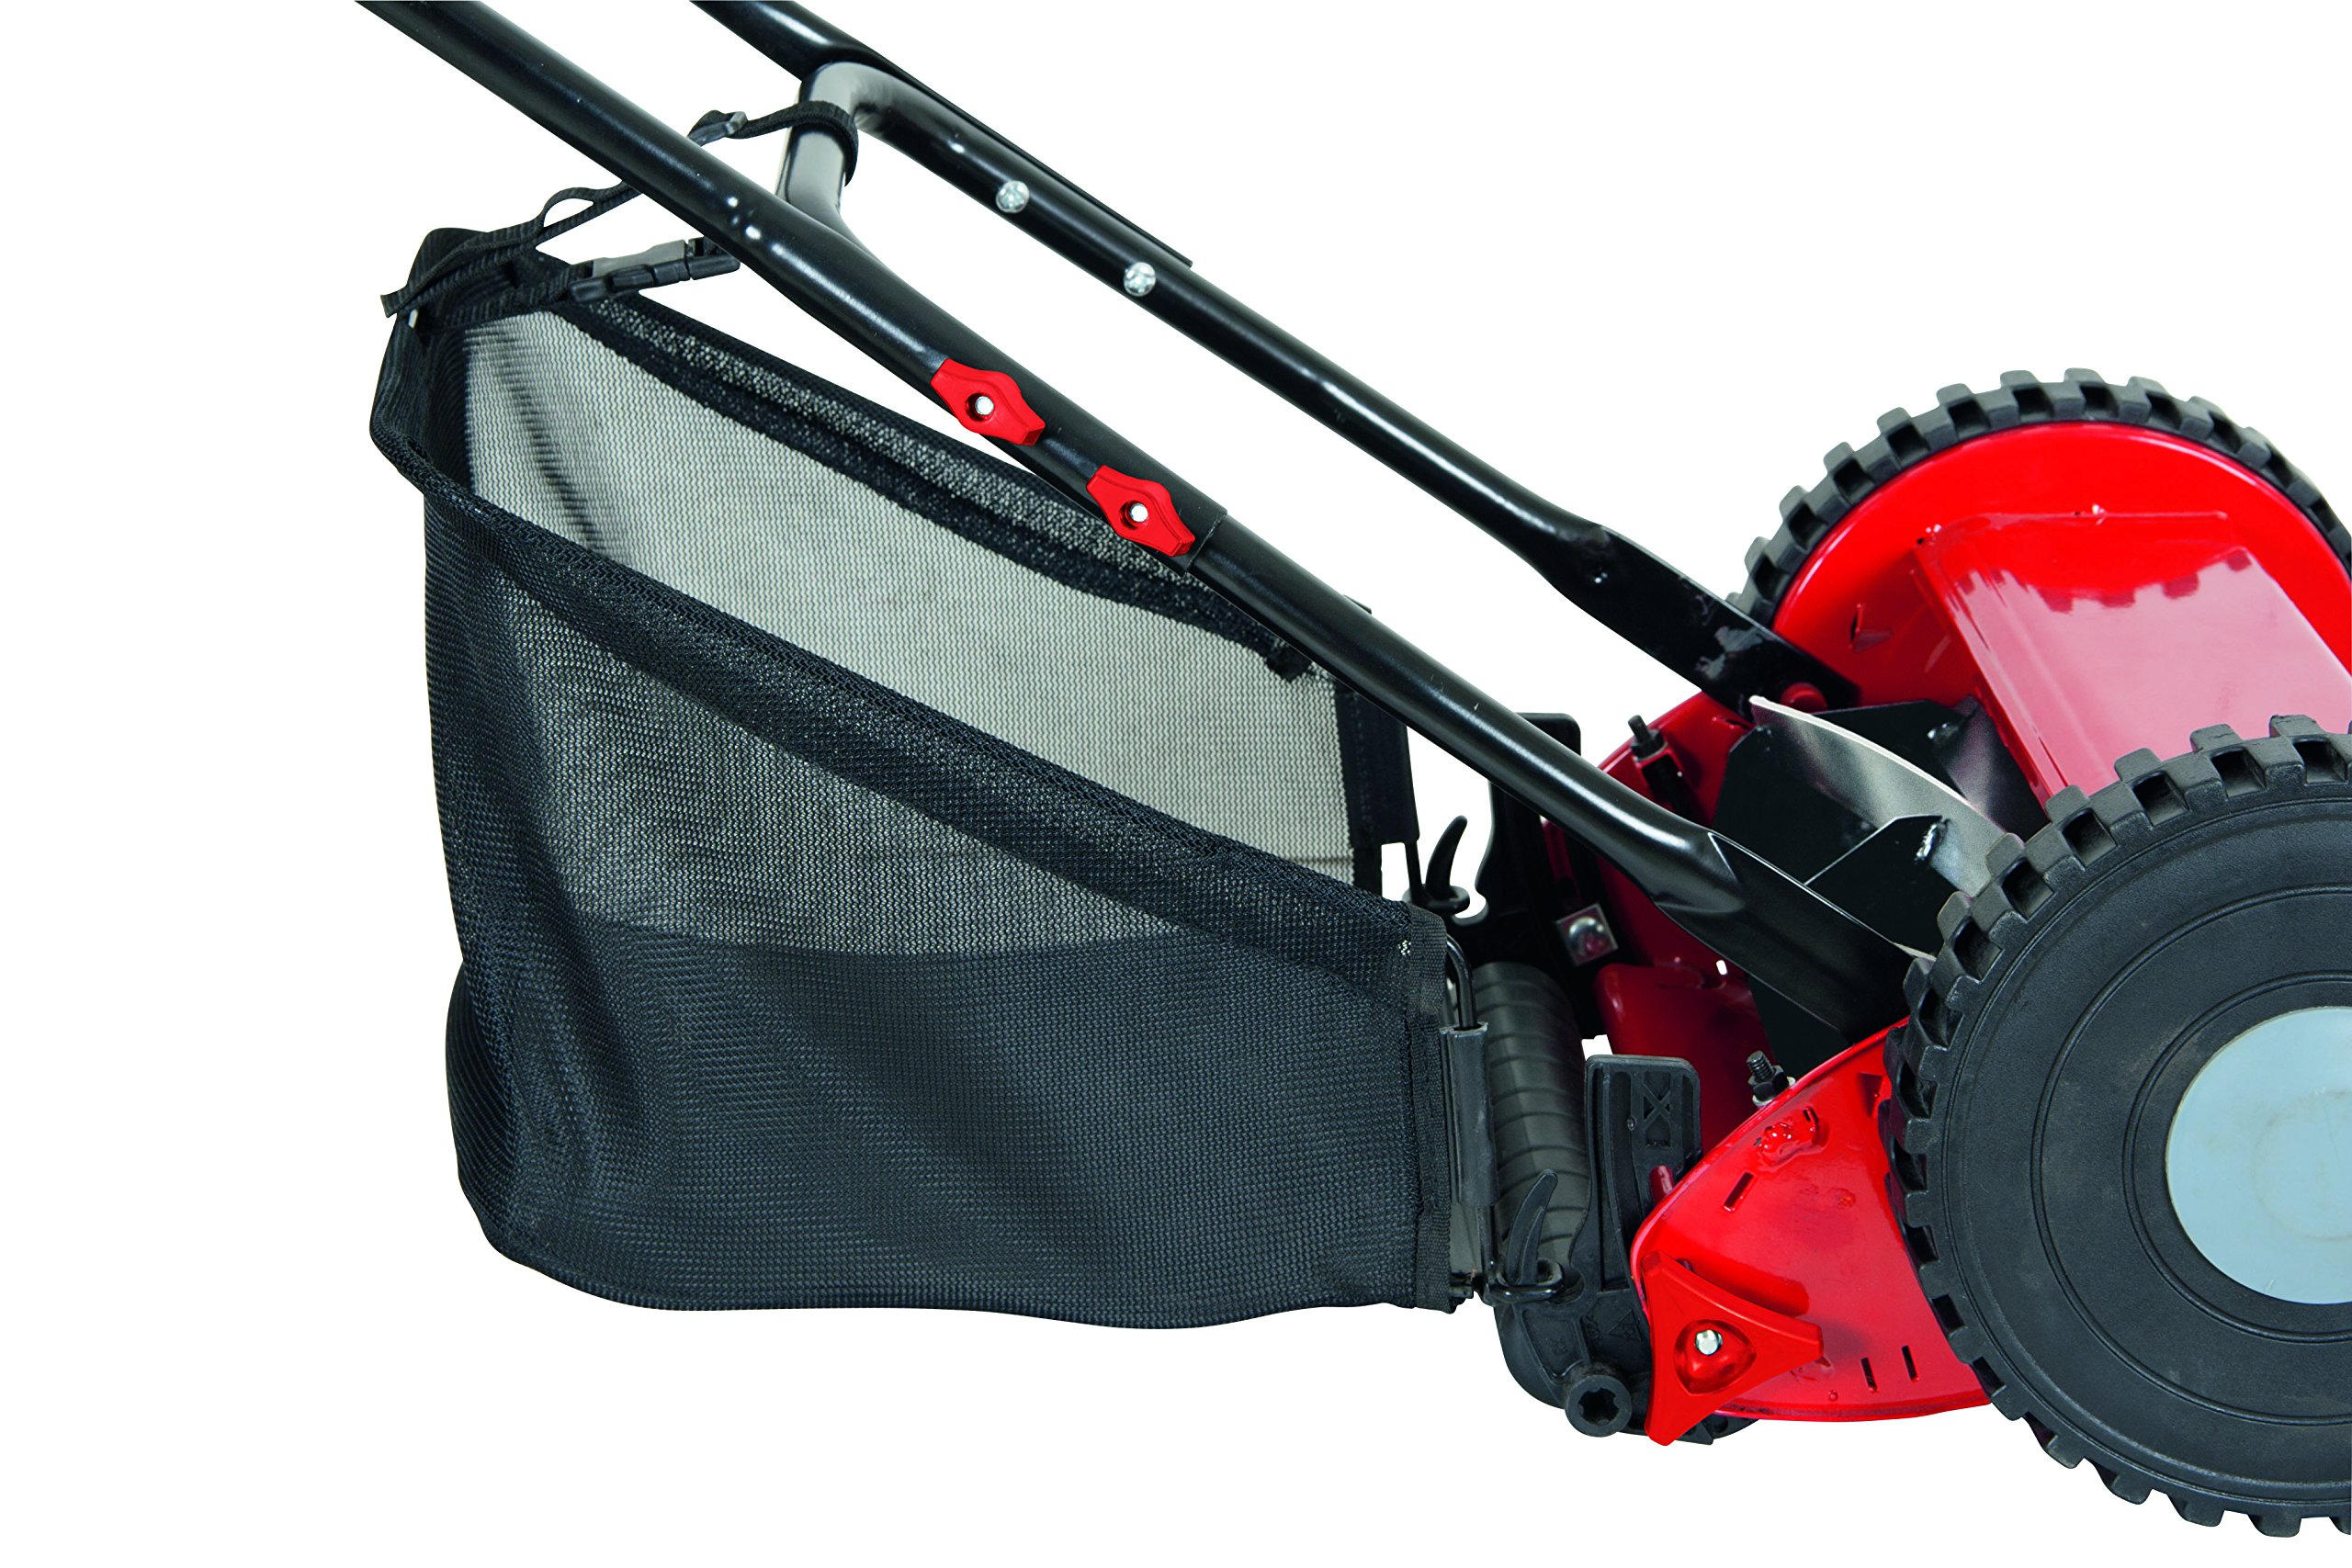 Grizzly-Hand-Rasenmher-Spindelmher-Handbetrieb-HRM-300-3-30-cm-Schnittbreite-stufenlose-Hhenverstellung-wartungsfreie-Messerwalze-umweltschonend-geruscharm-inkl-18-Liter-Fangsack